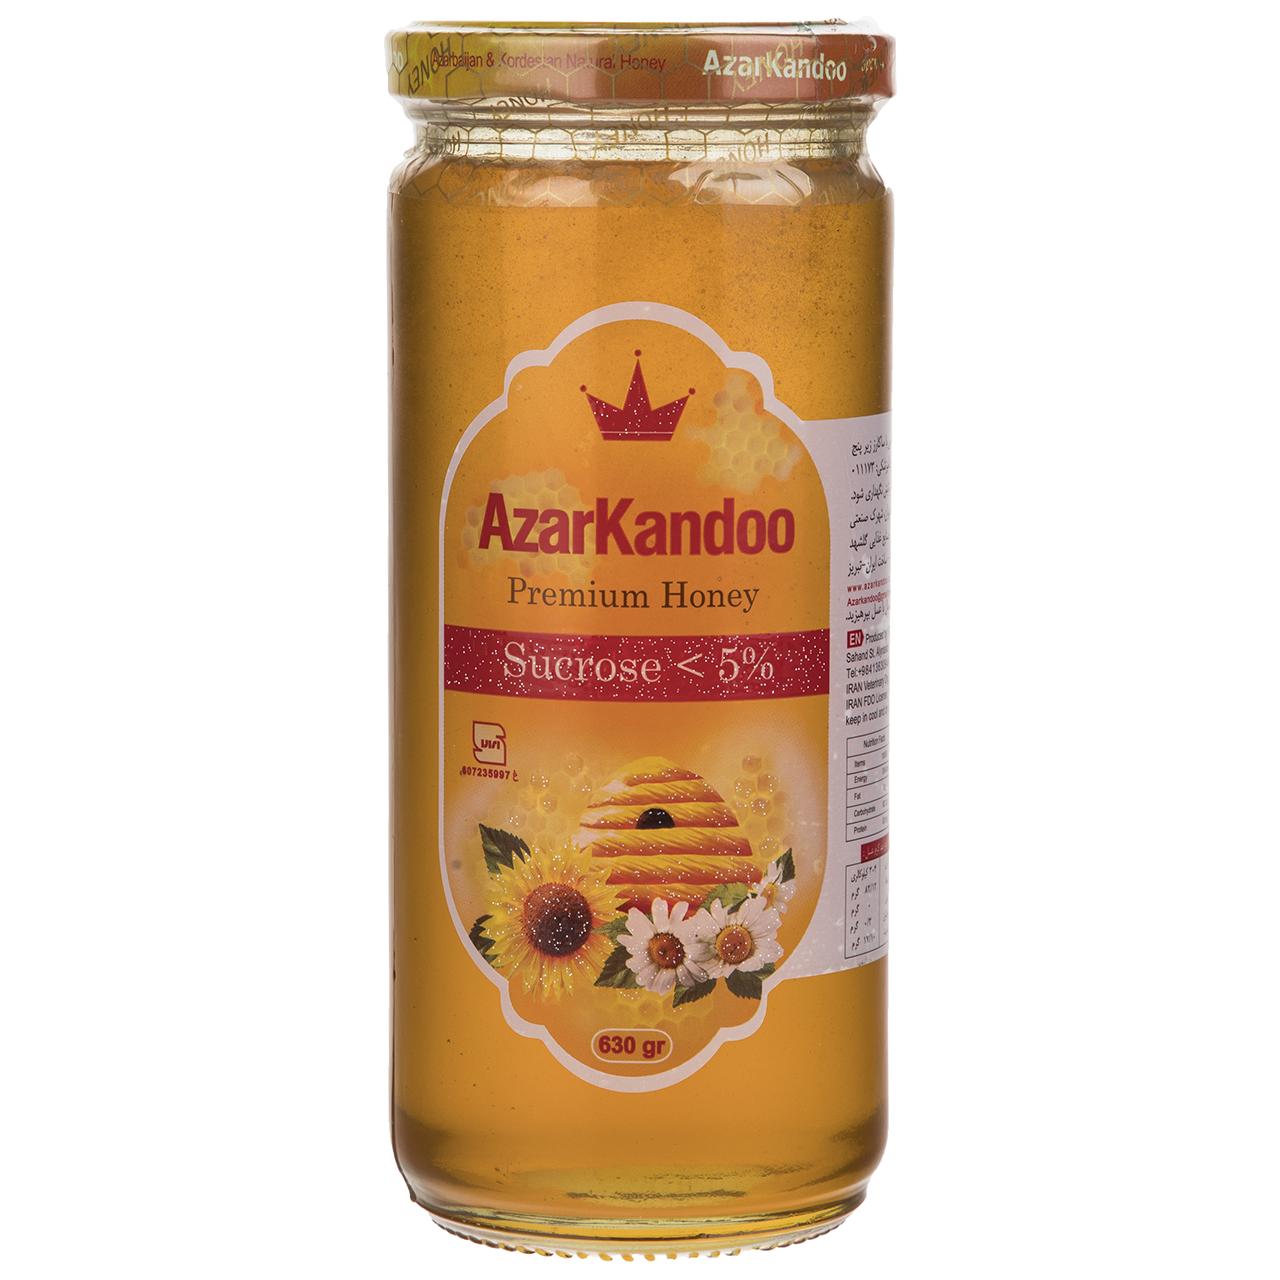 عسل طبیعی آذرکندو - 630 گرم